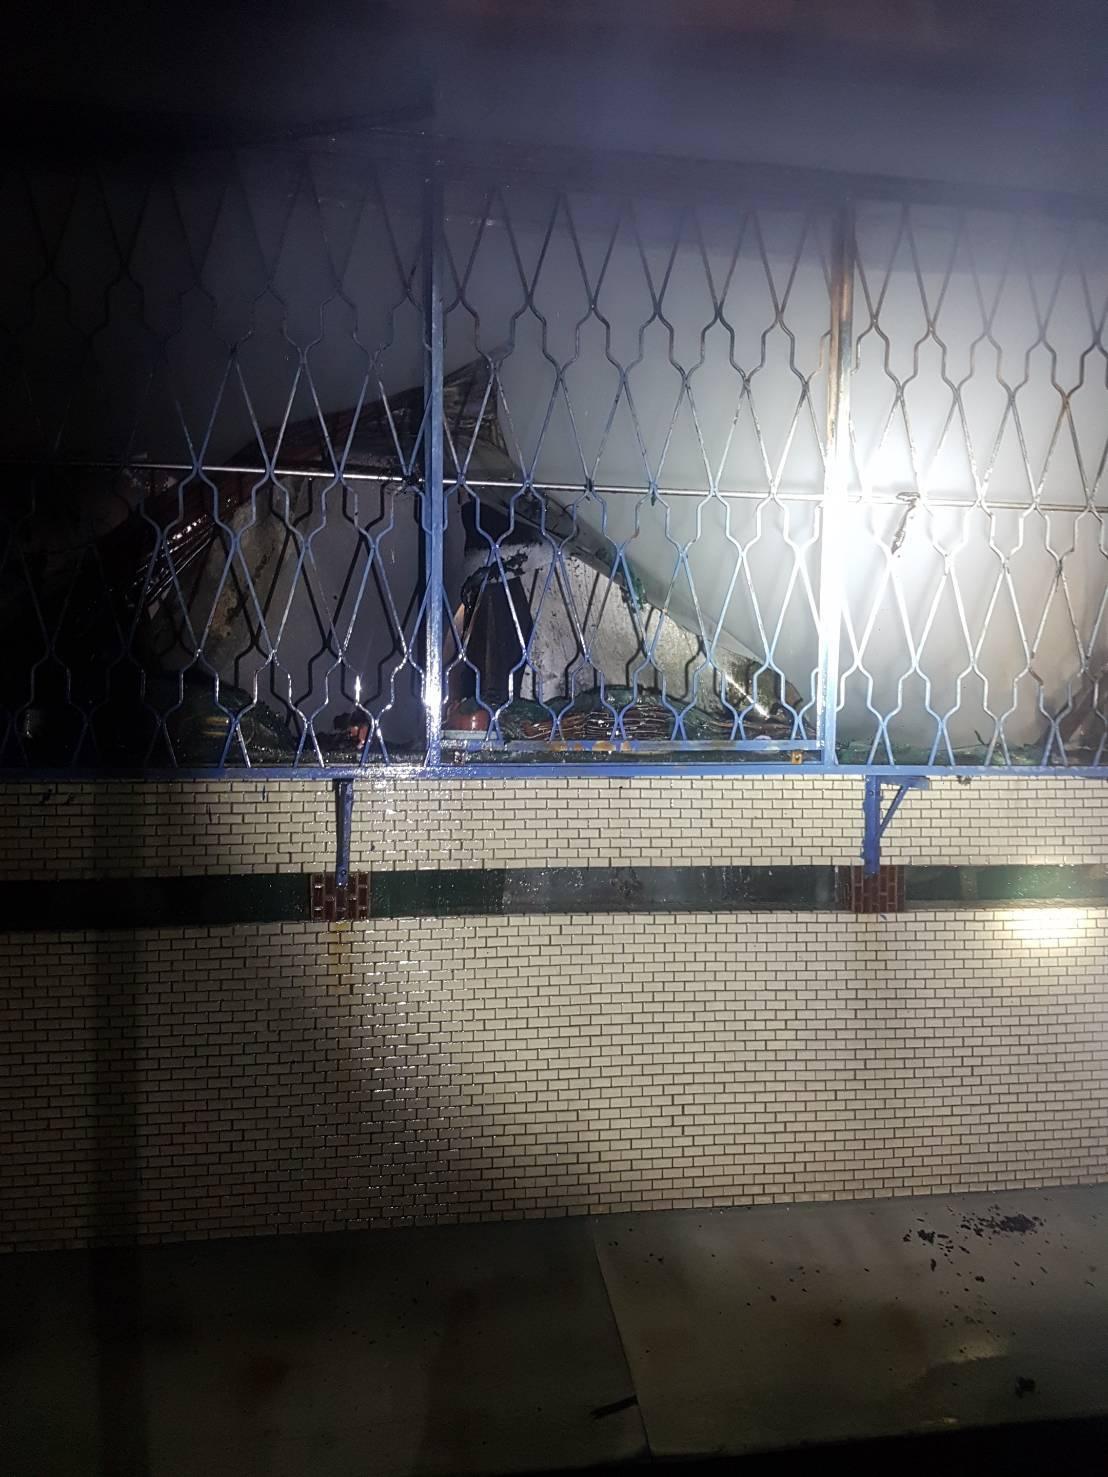 台中市潭子區一棟透天民宅今晚發生火警,火勢一度延燒左右棟民宅,所幸消防員及時控制...